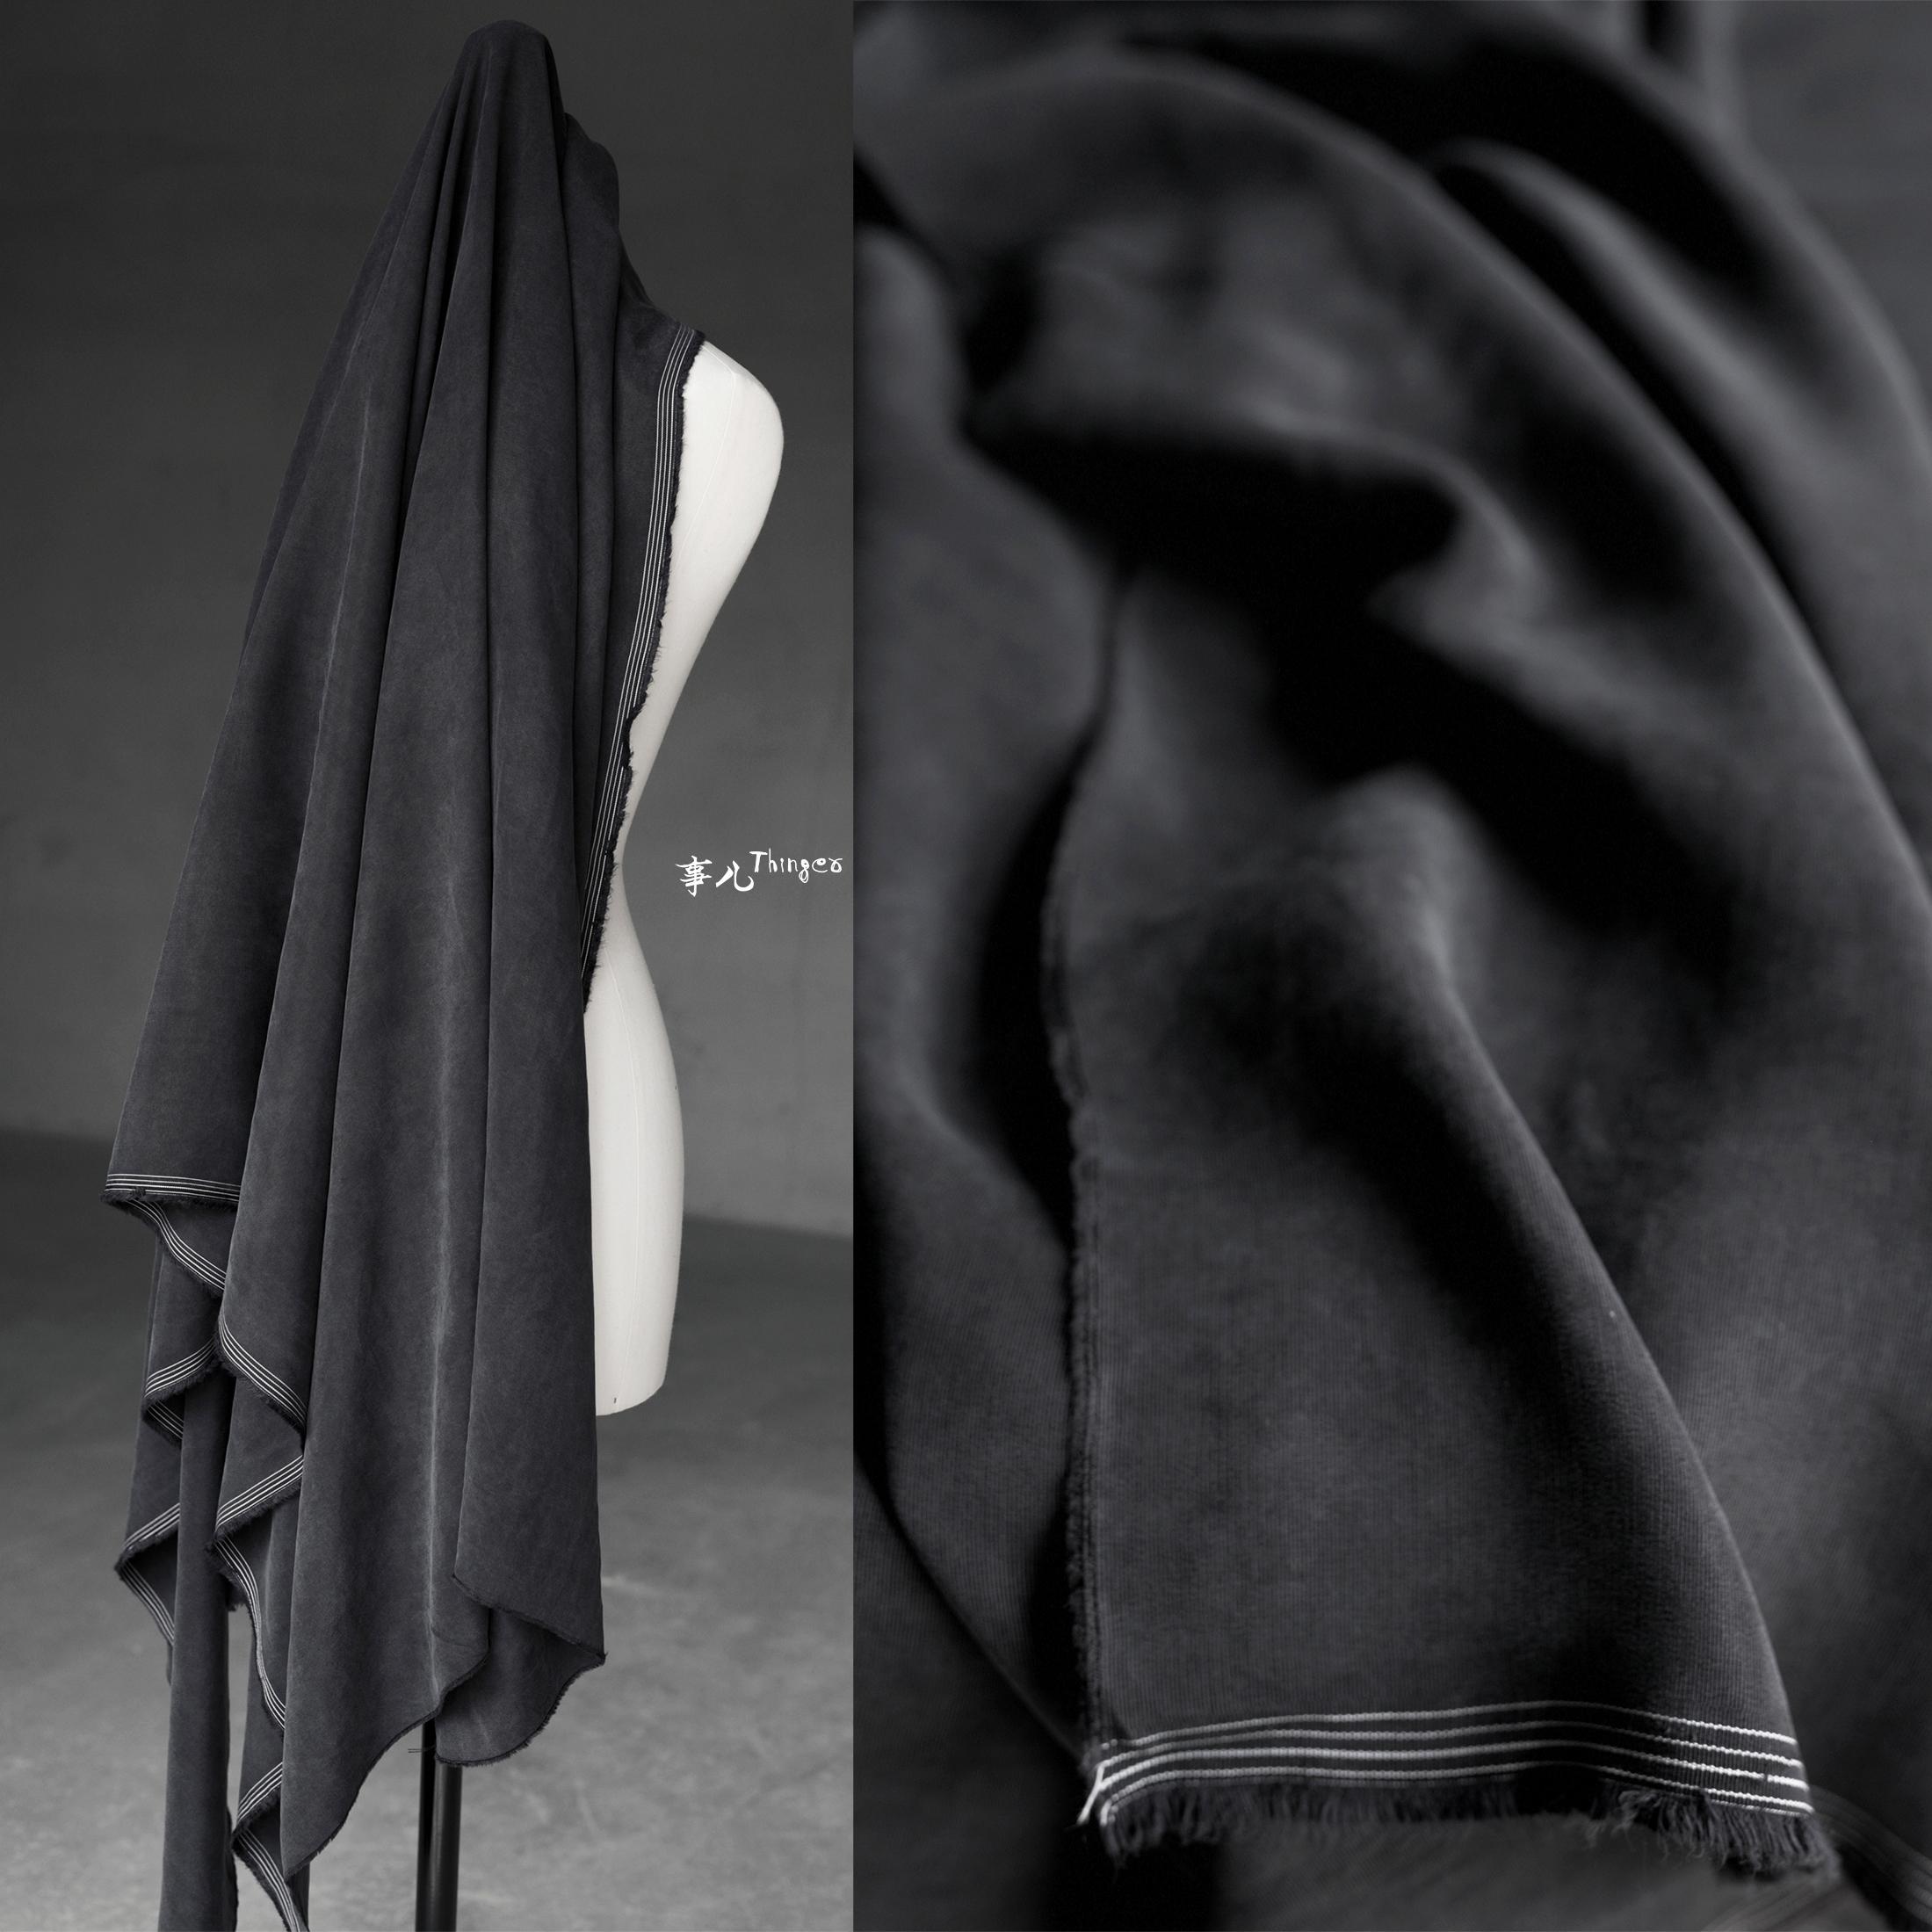 色织人棉铜氨丝面料-重磅 砂洗做旧布料 砂洗旧灰色/半米价